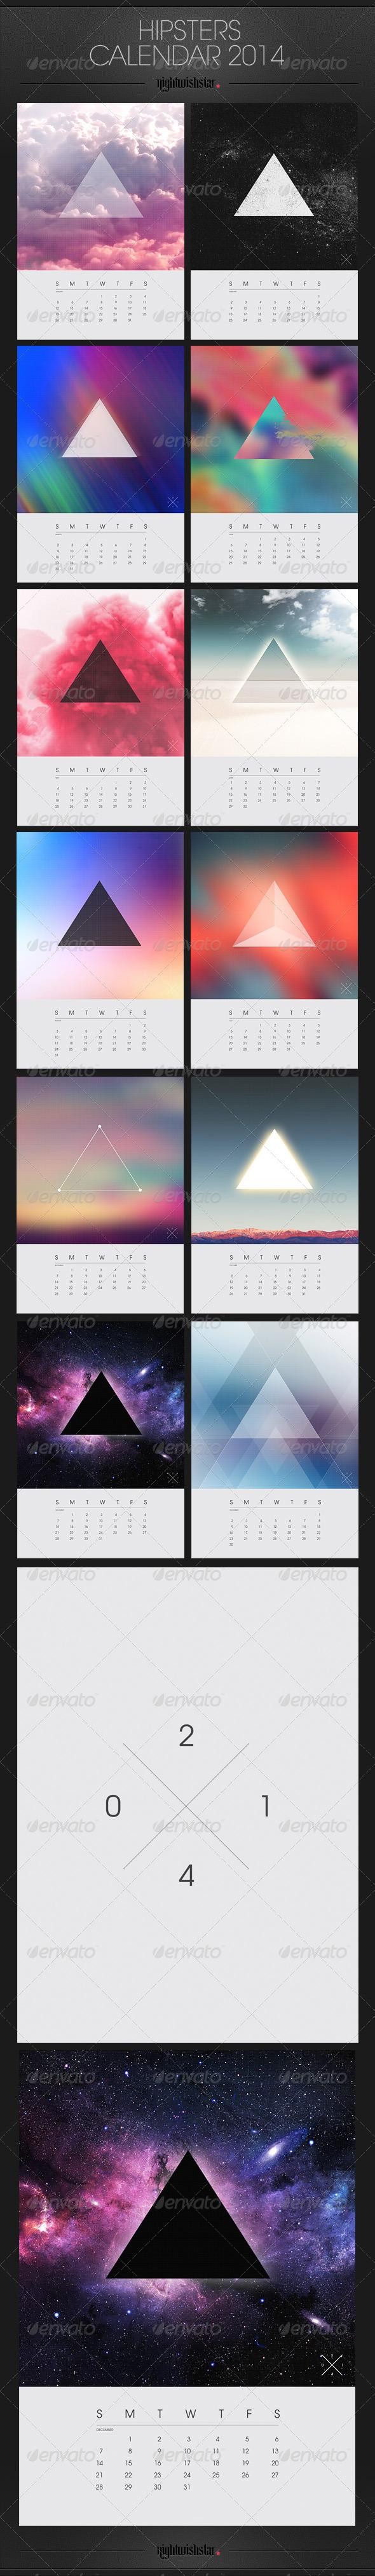 Hipster Calendar 2014